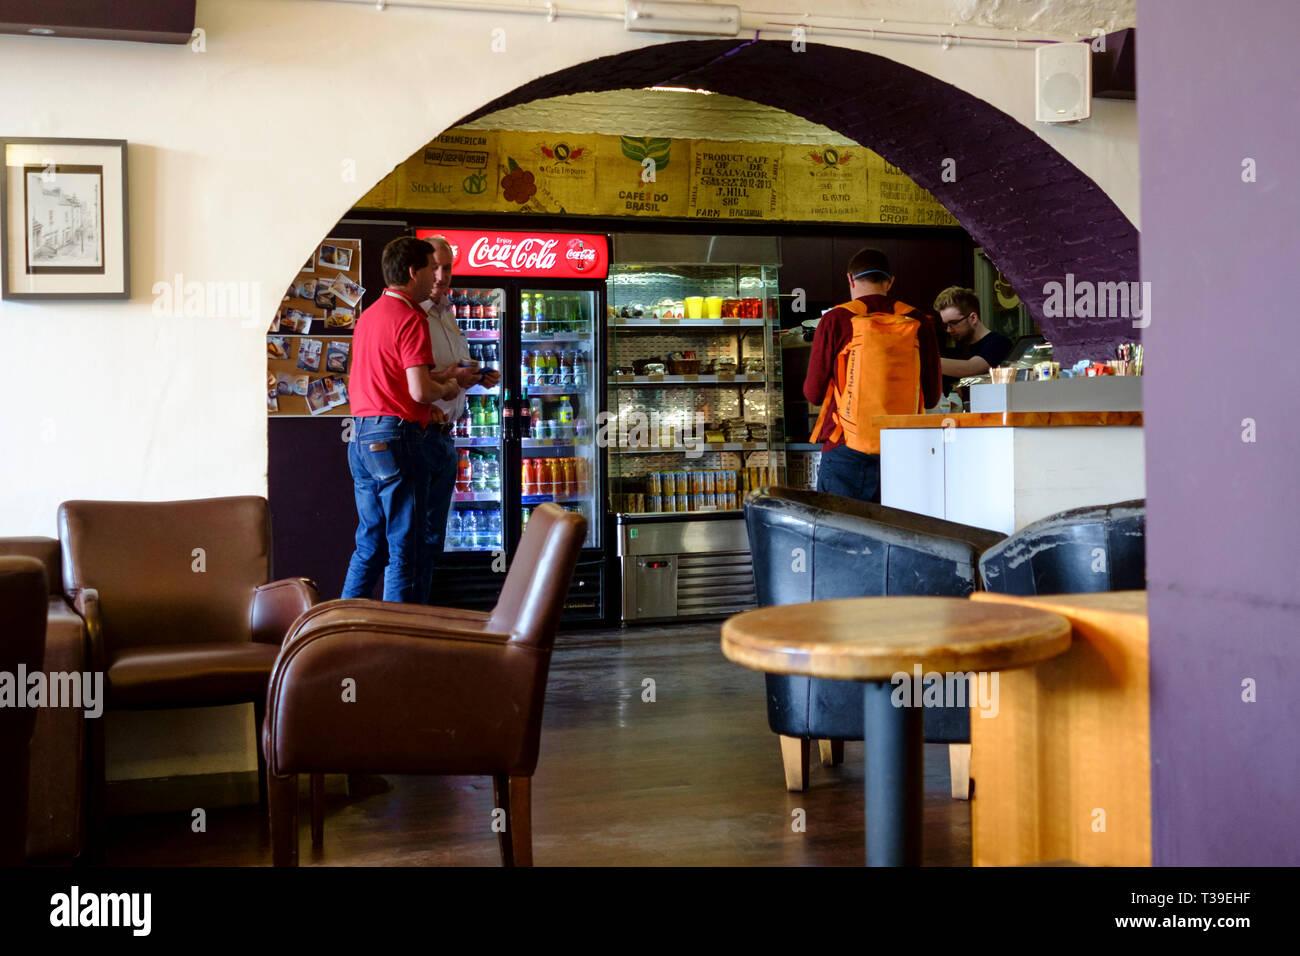 Cafe Gusto presso la stazione ferroviaria di Temple Meads Bristol Immagini Stock